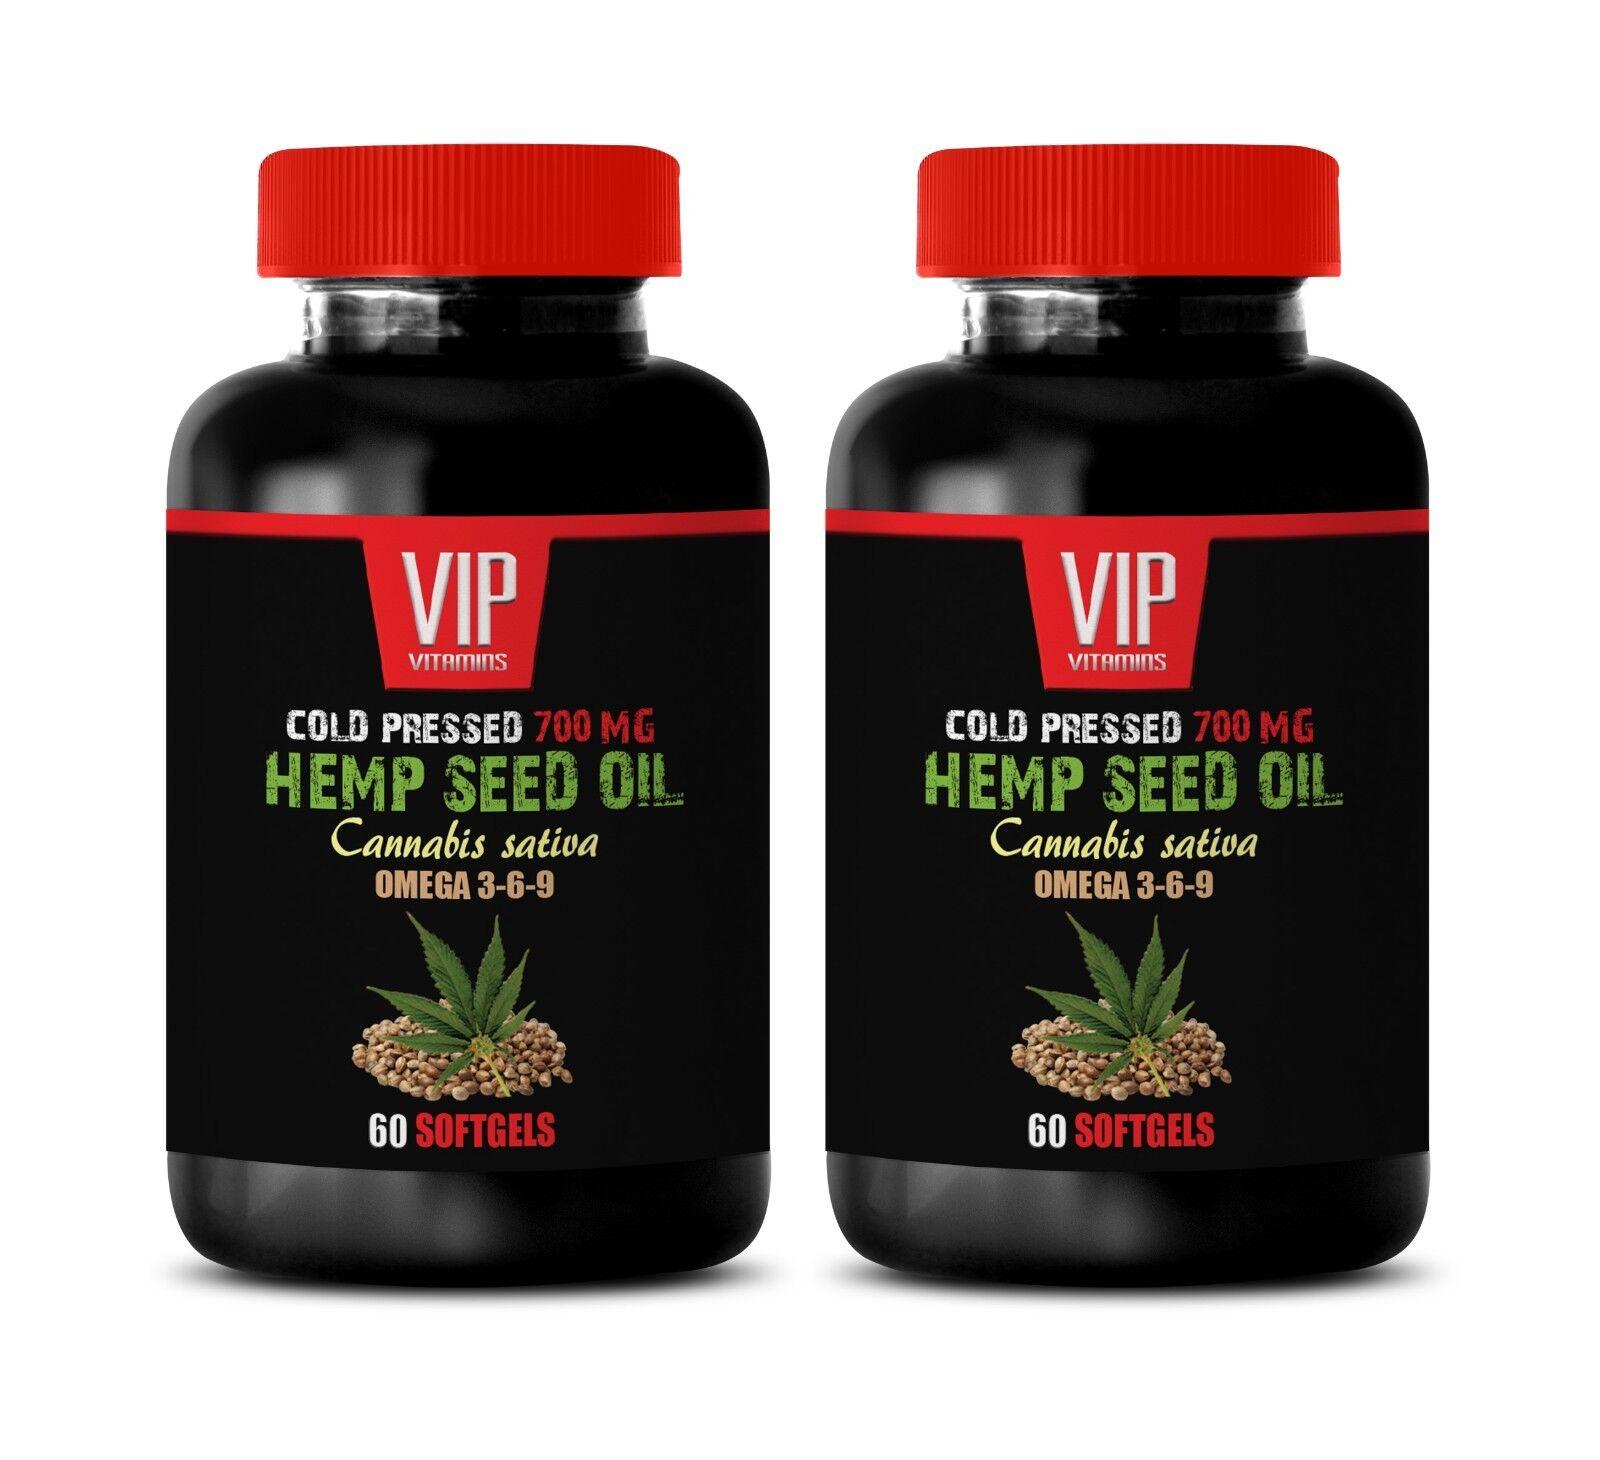 hemp oil in capsule form - COLD PRESSED HEMP SEED OIL 700MG